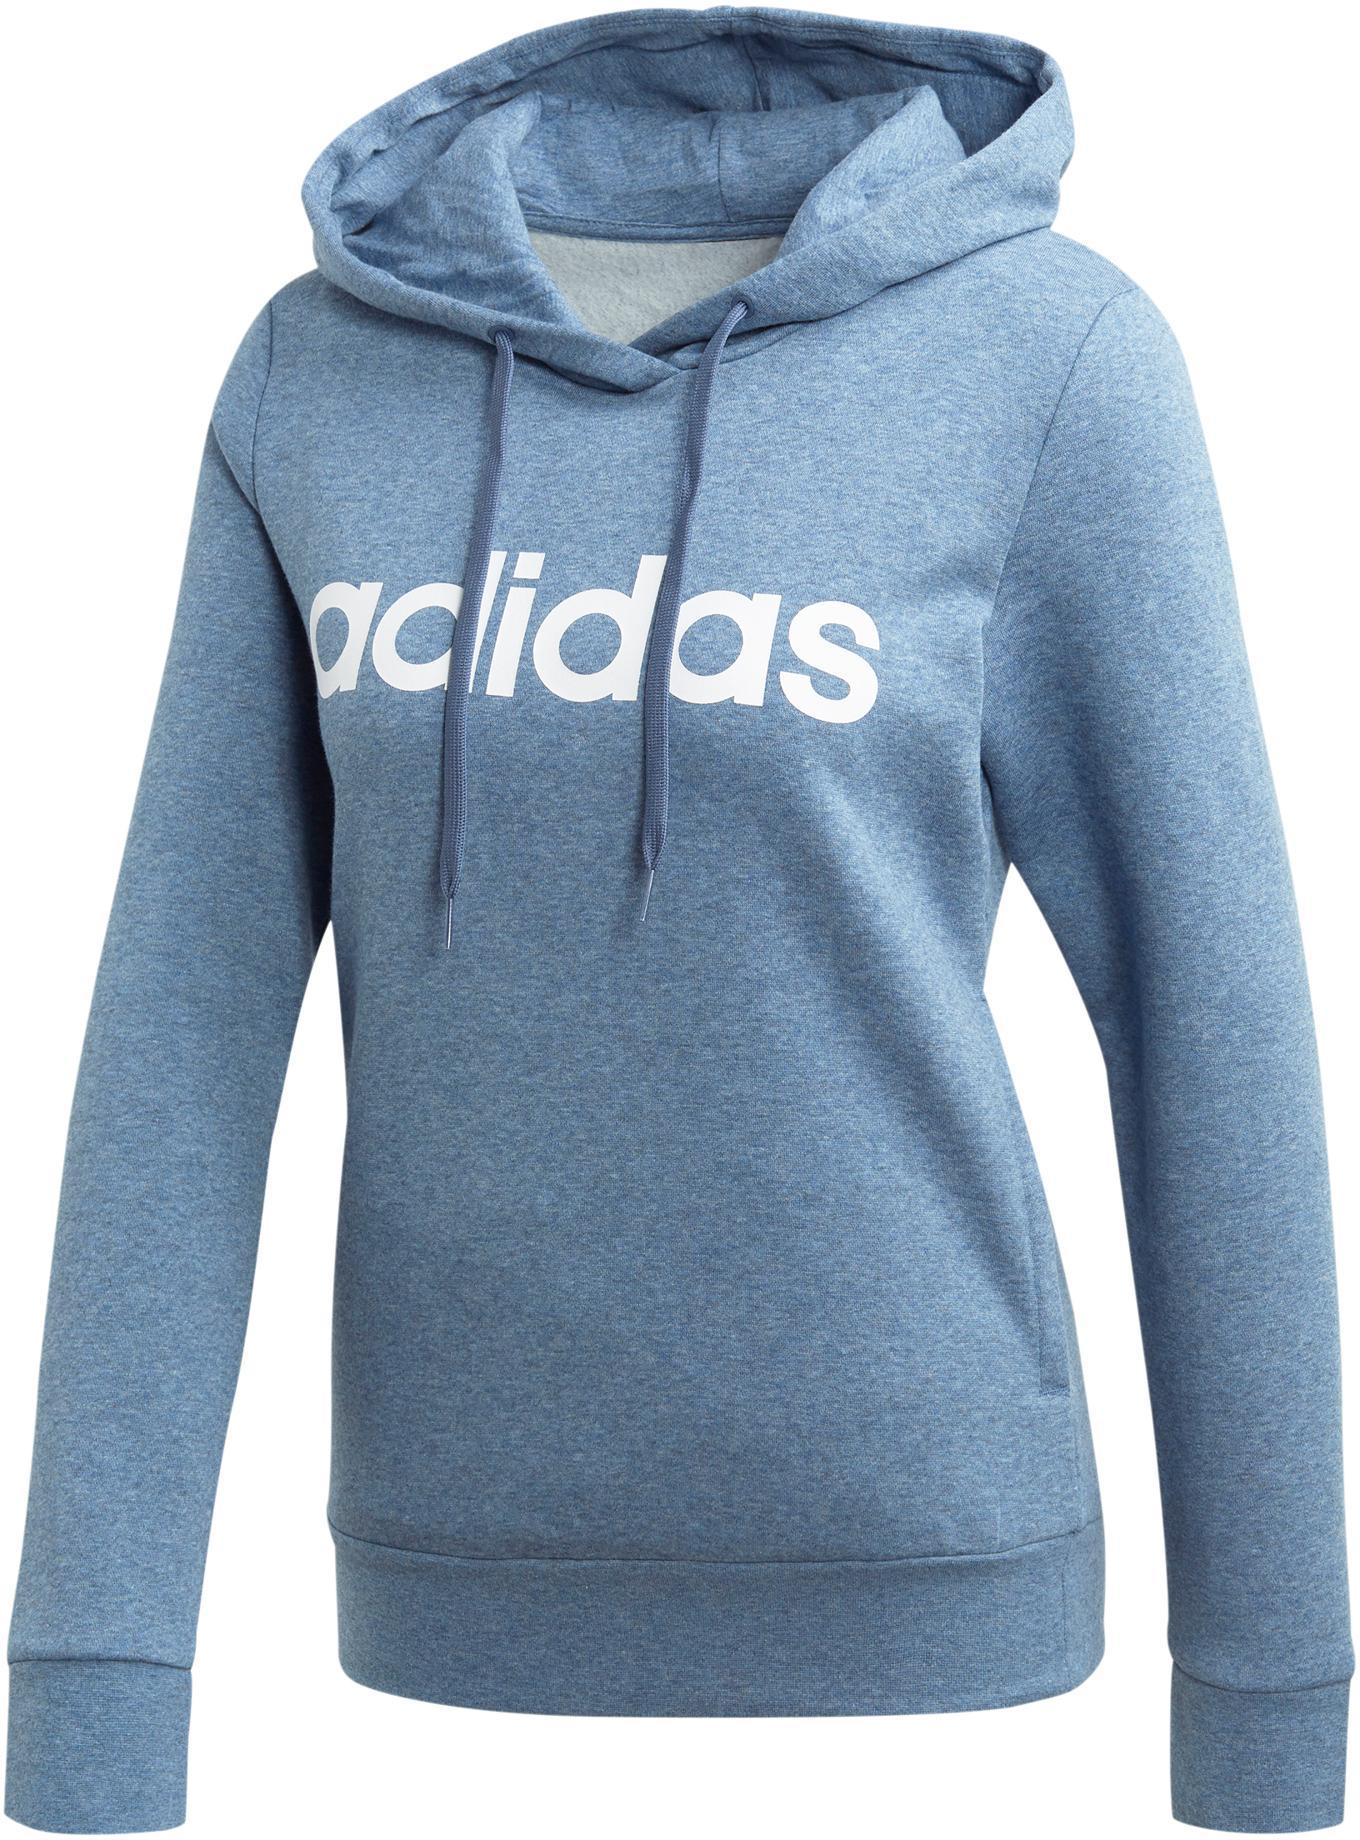 adidas Trainingsjacke Damen türkis im Online Shop von SportScheck kaufen